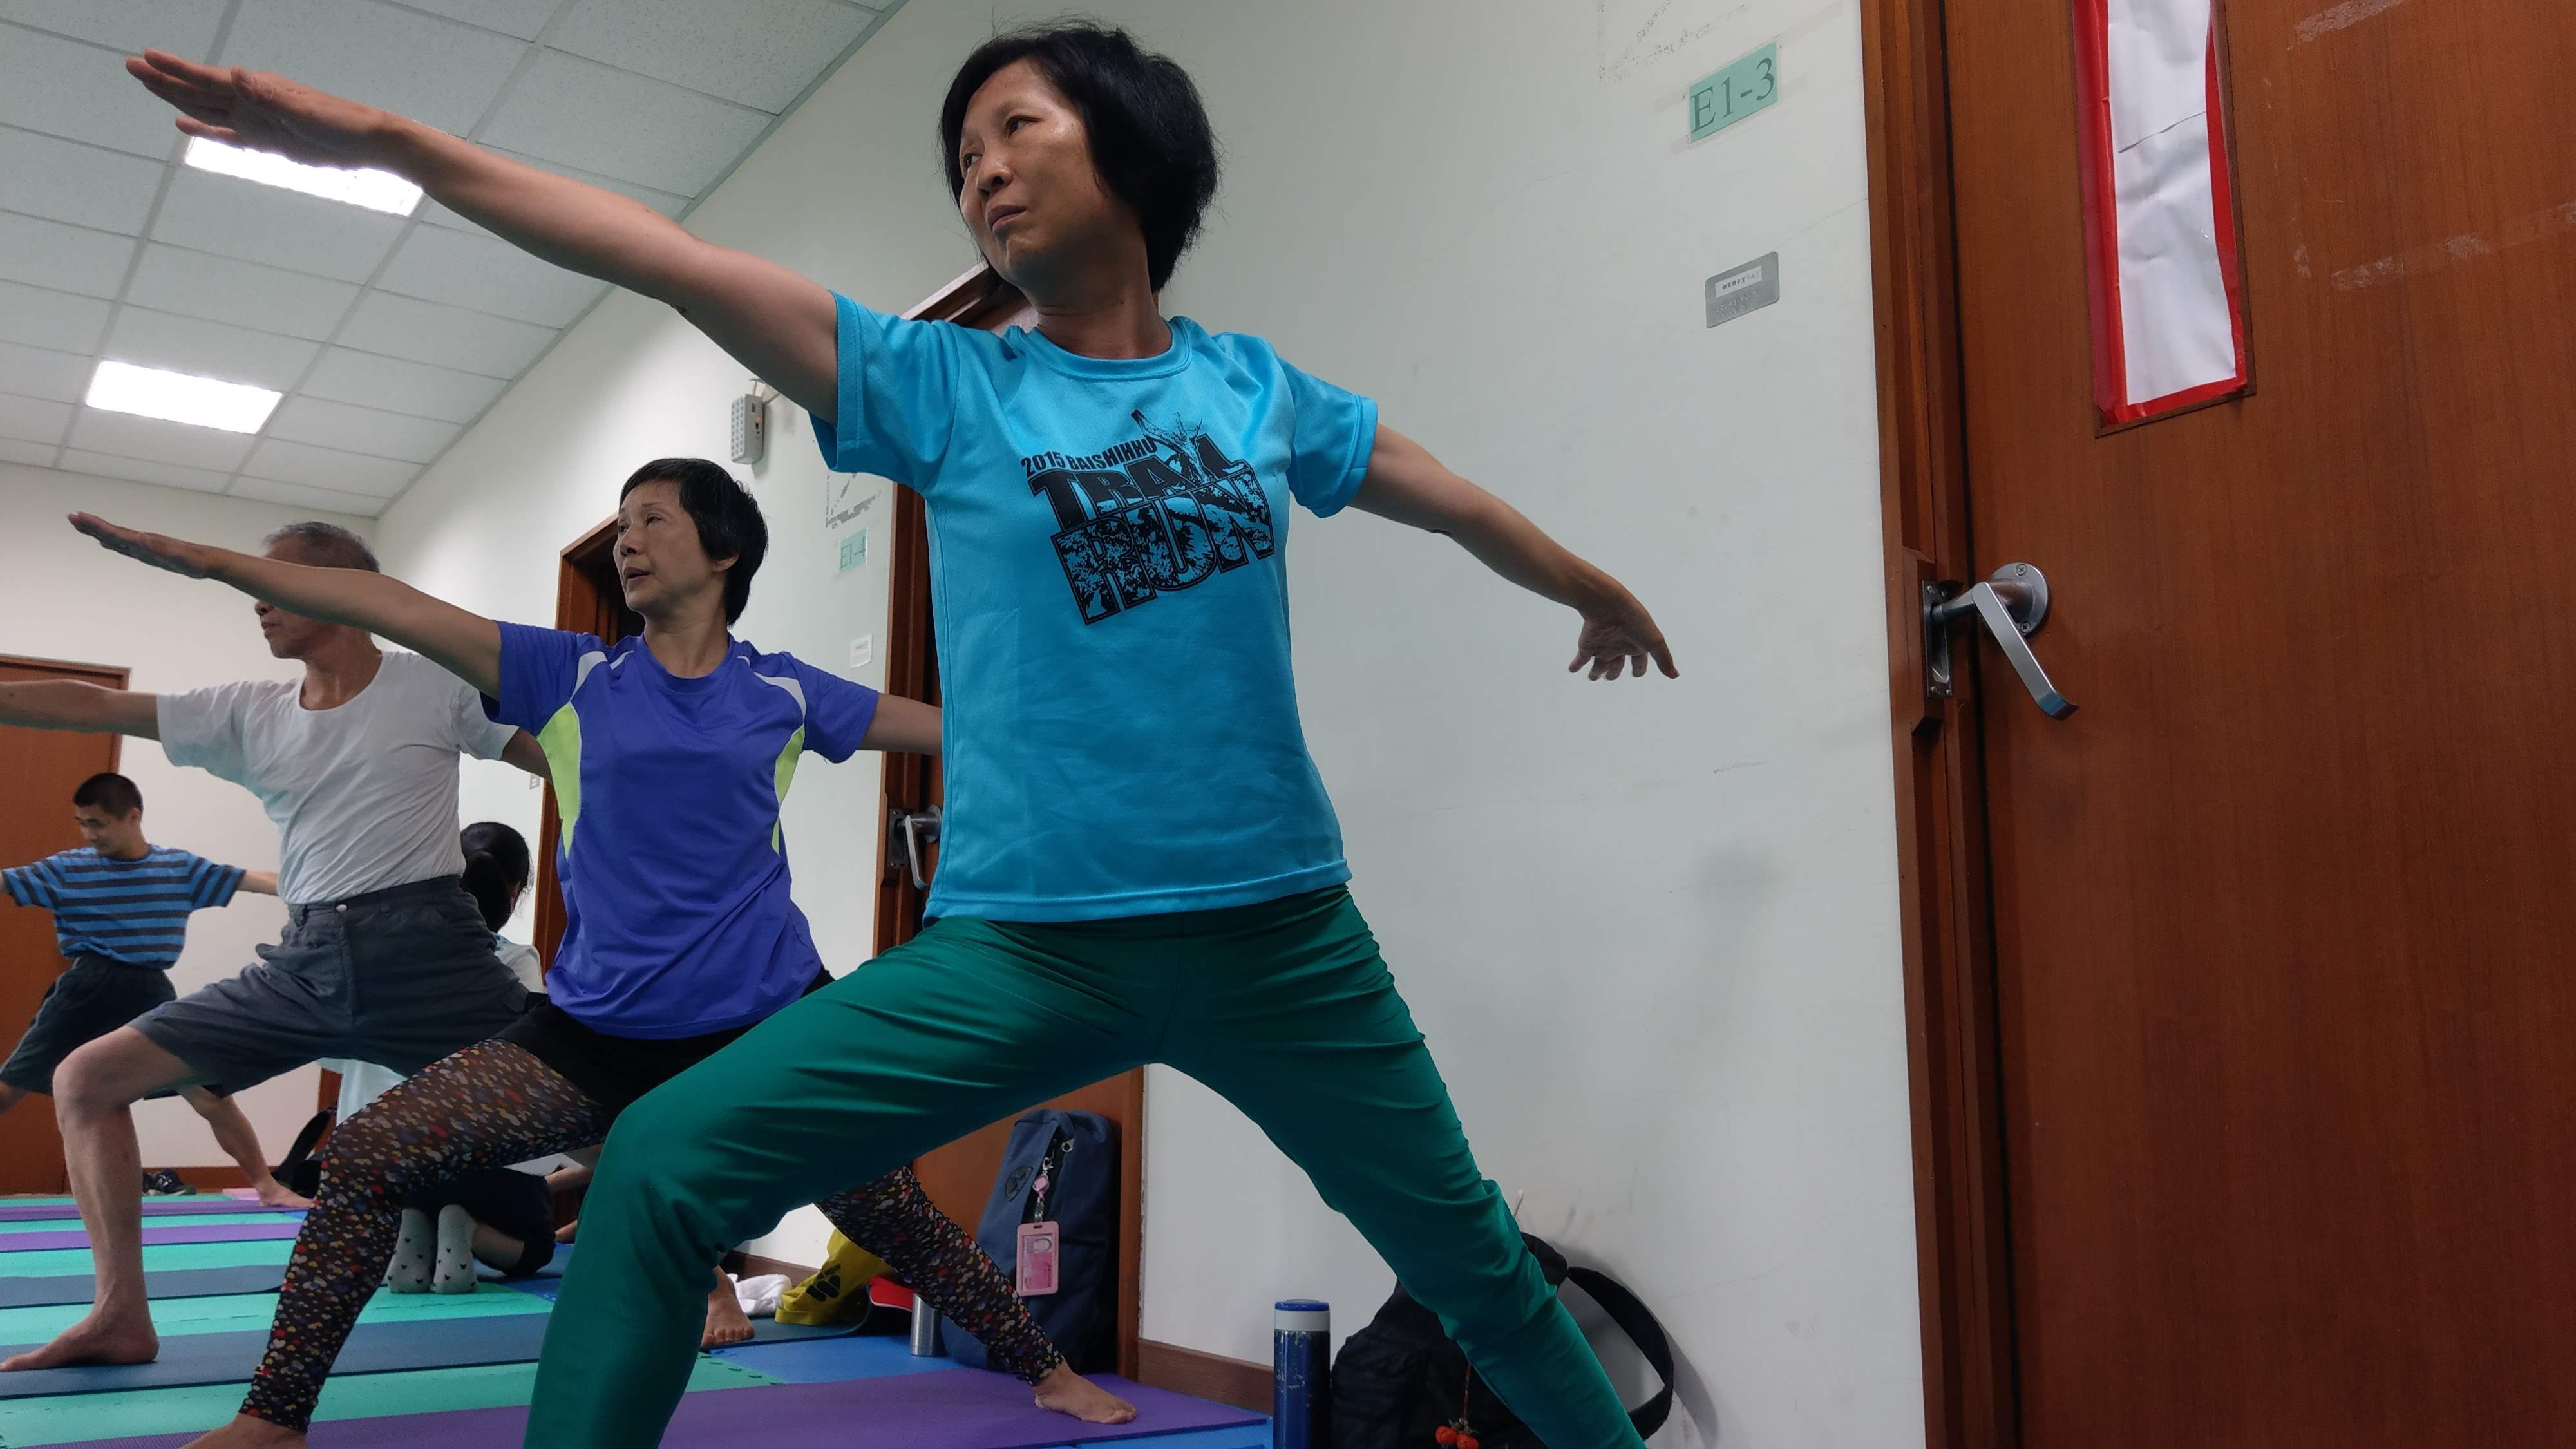 小英聽從老師指令,專心的做瑜珈動作